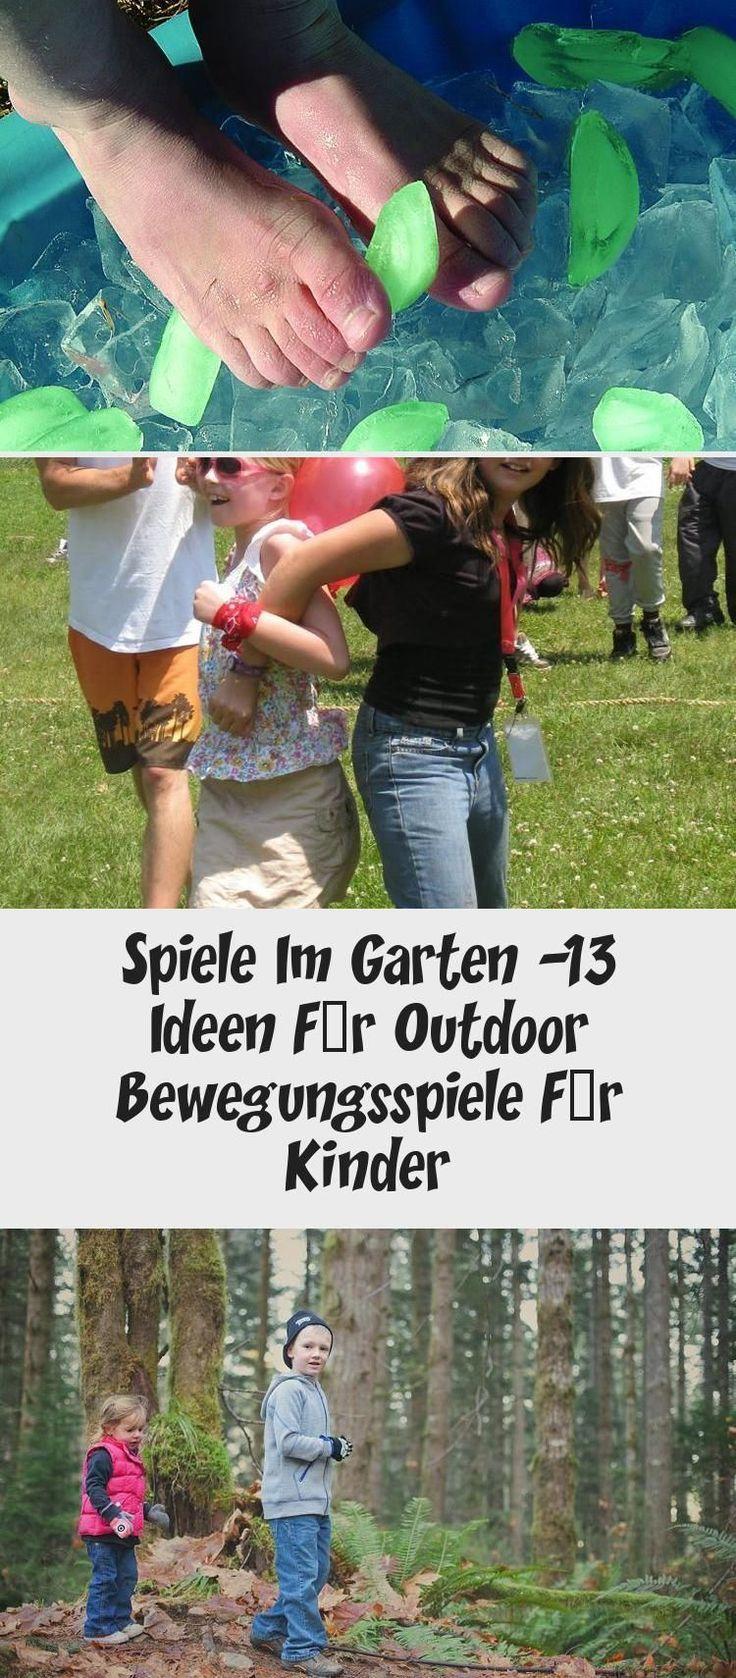 Spiele Im Garten 13 Ideen Fur Outdoor Ubungsspiele Fur Kinder In 2020 Spiele Im Garten Outdoor Training Outdoor